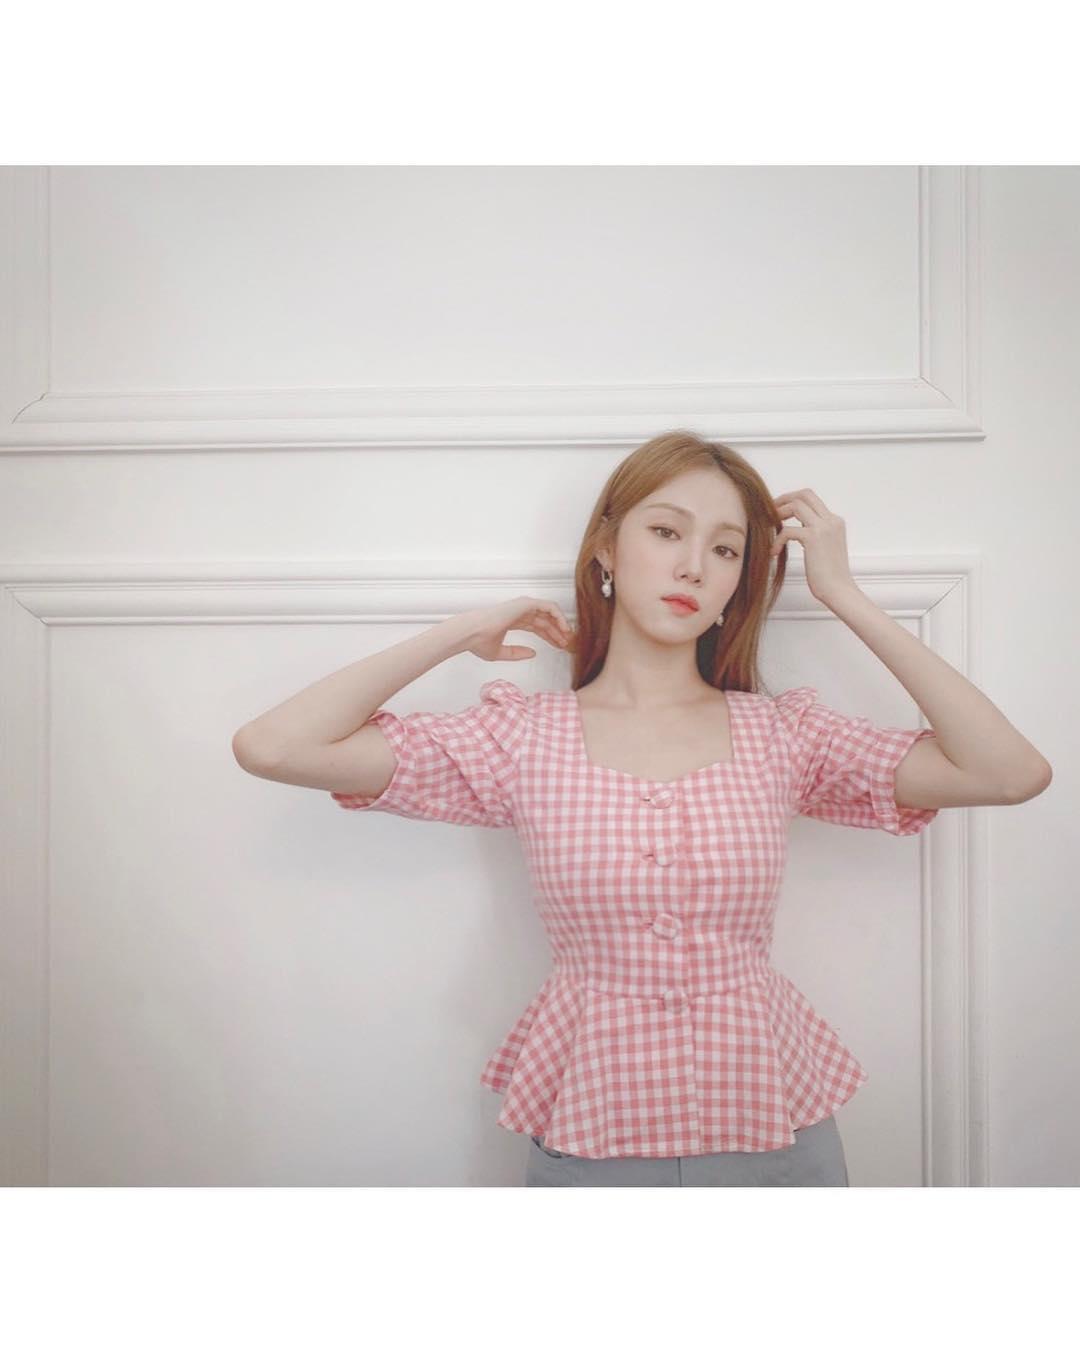 lee sung kyung mặc áo màu hồng thạch anh rose quartz họa tiết gingham